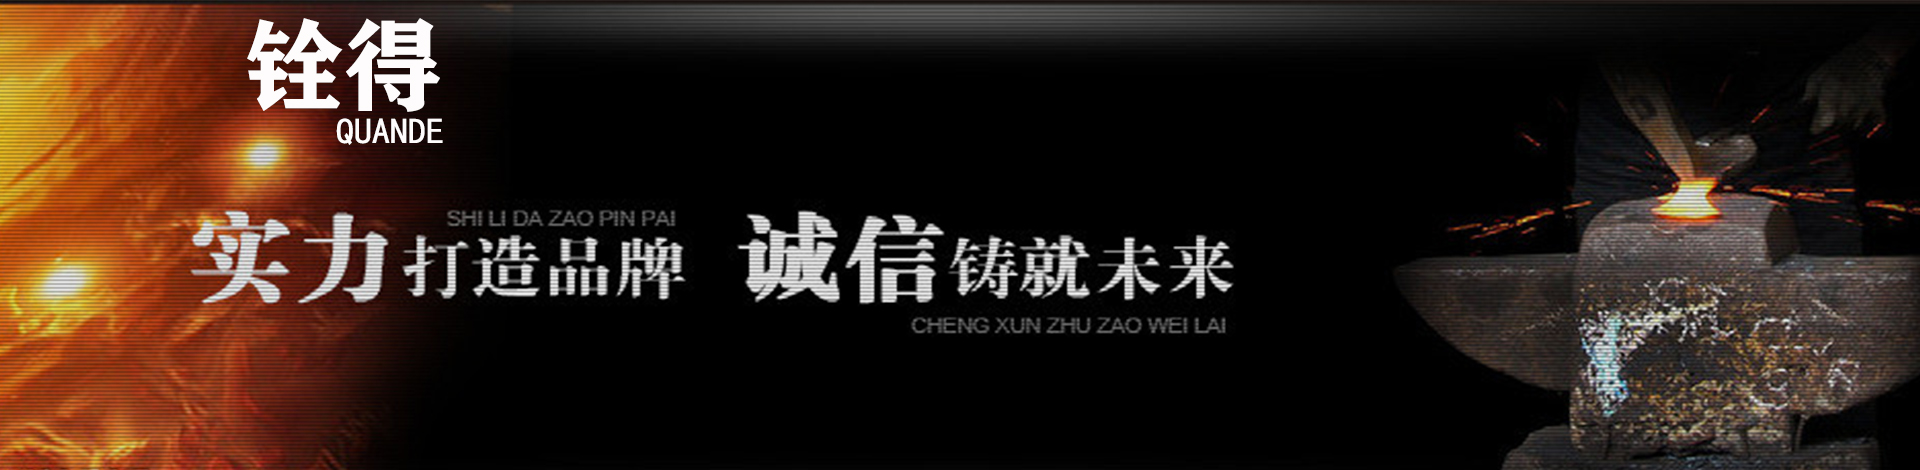 东莞市铨得电子有限公司